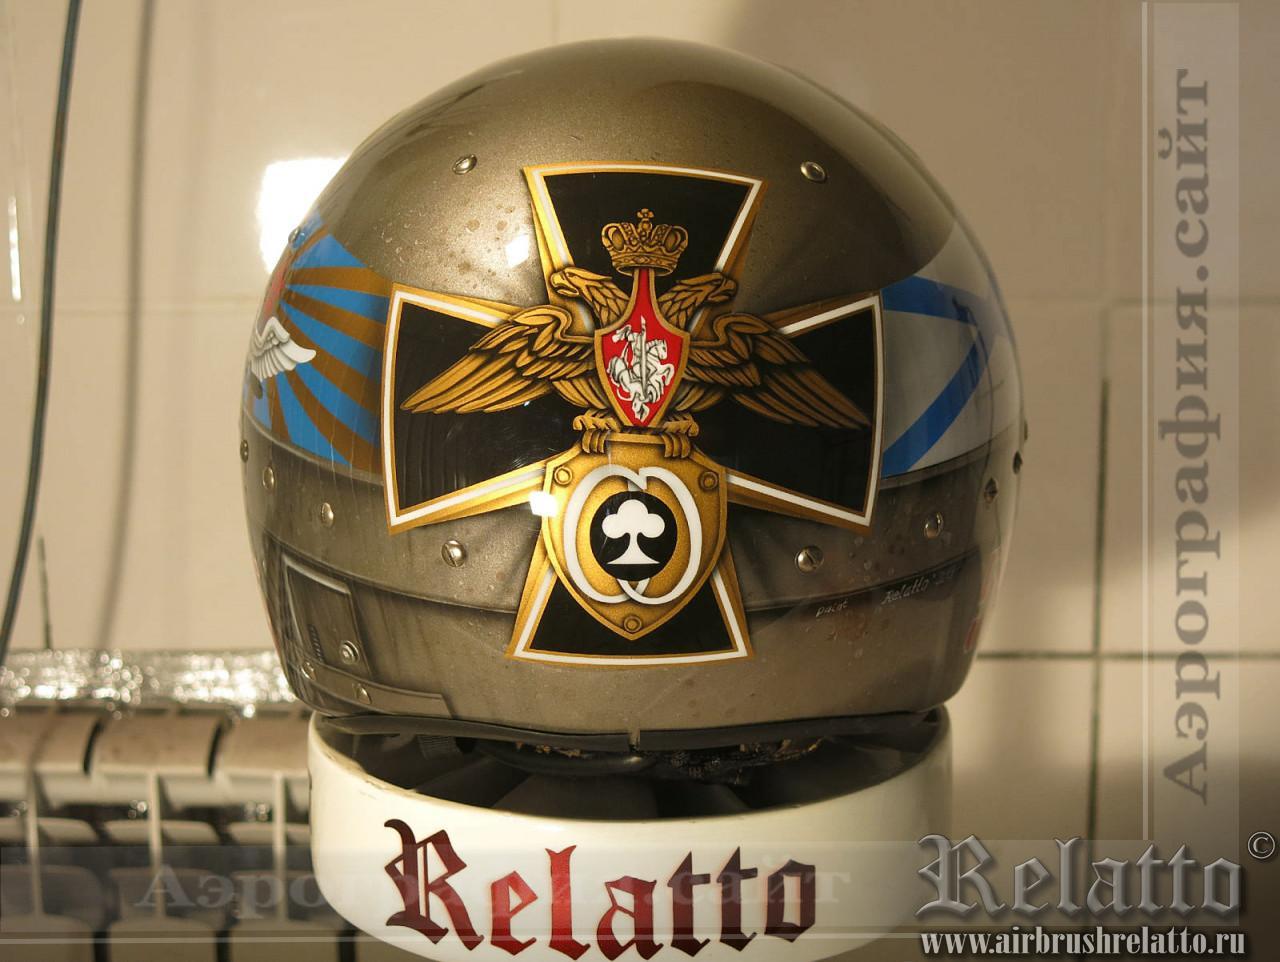 аэрография на шлеме в Белгороде